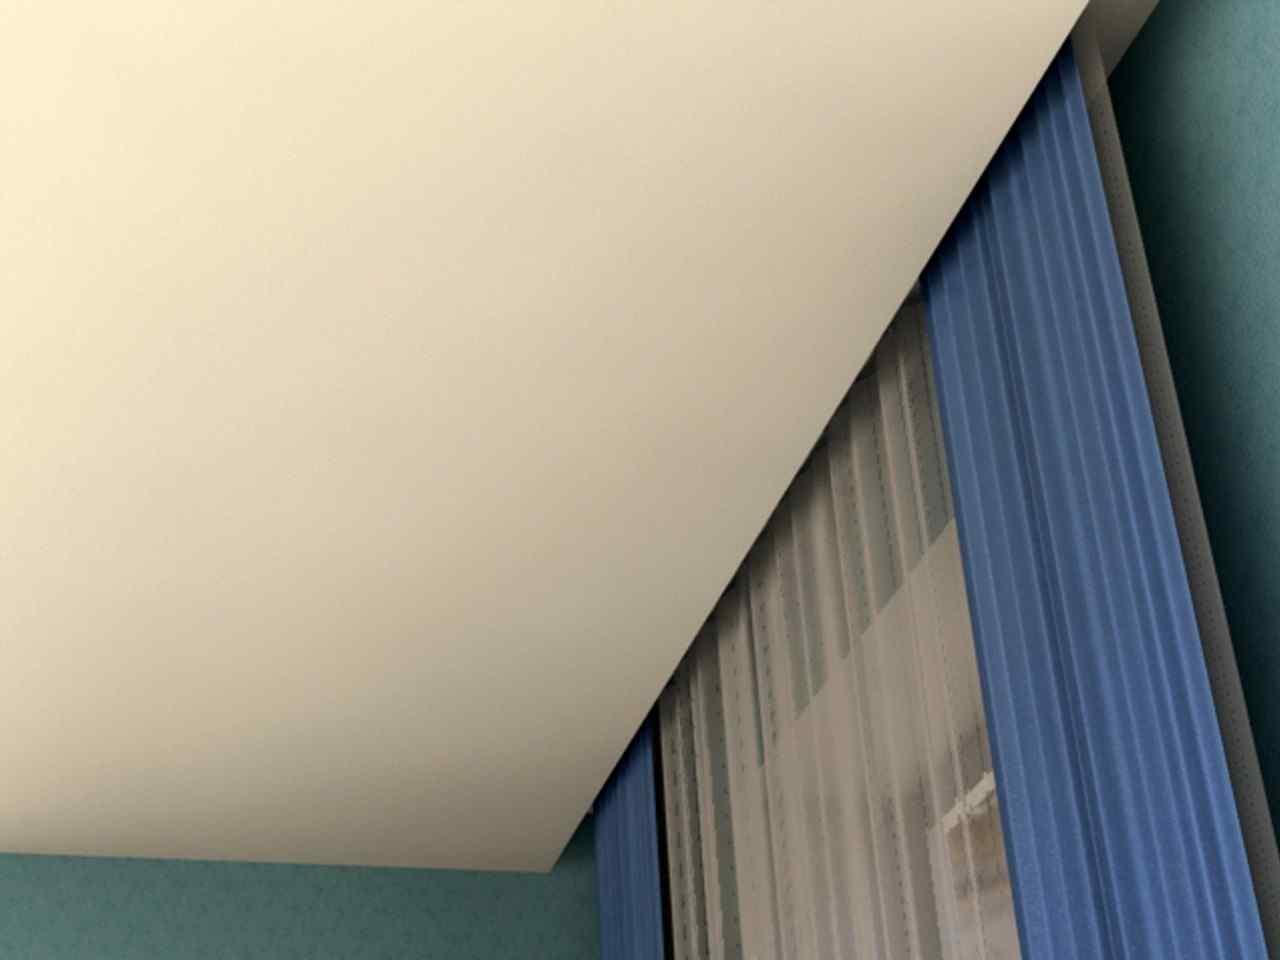 Какие уловки помогут повесить потолочный карниз под натяжной потолок - строительство и отделка - полезные советы от специалистов